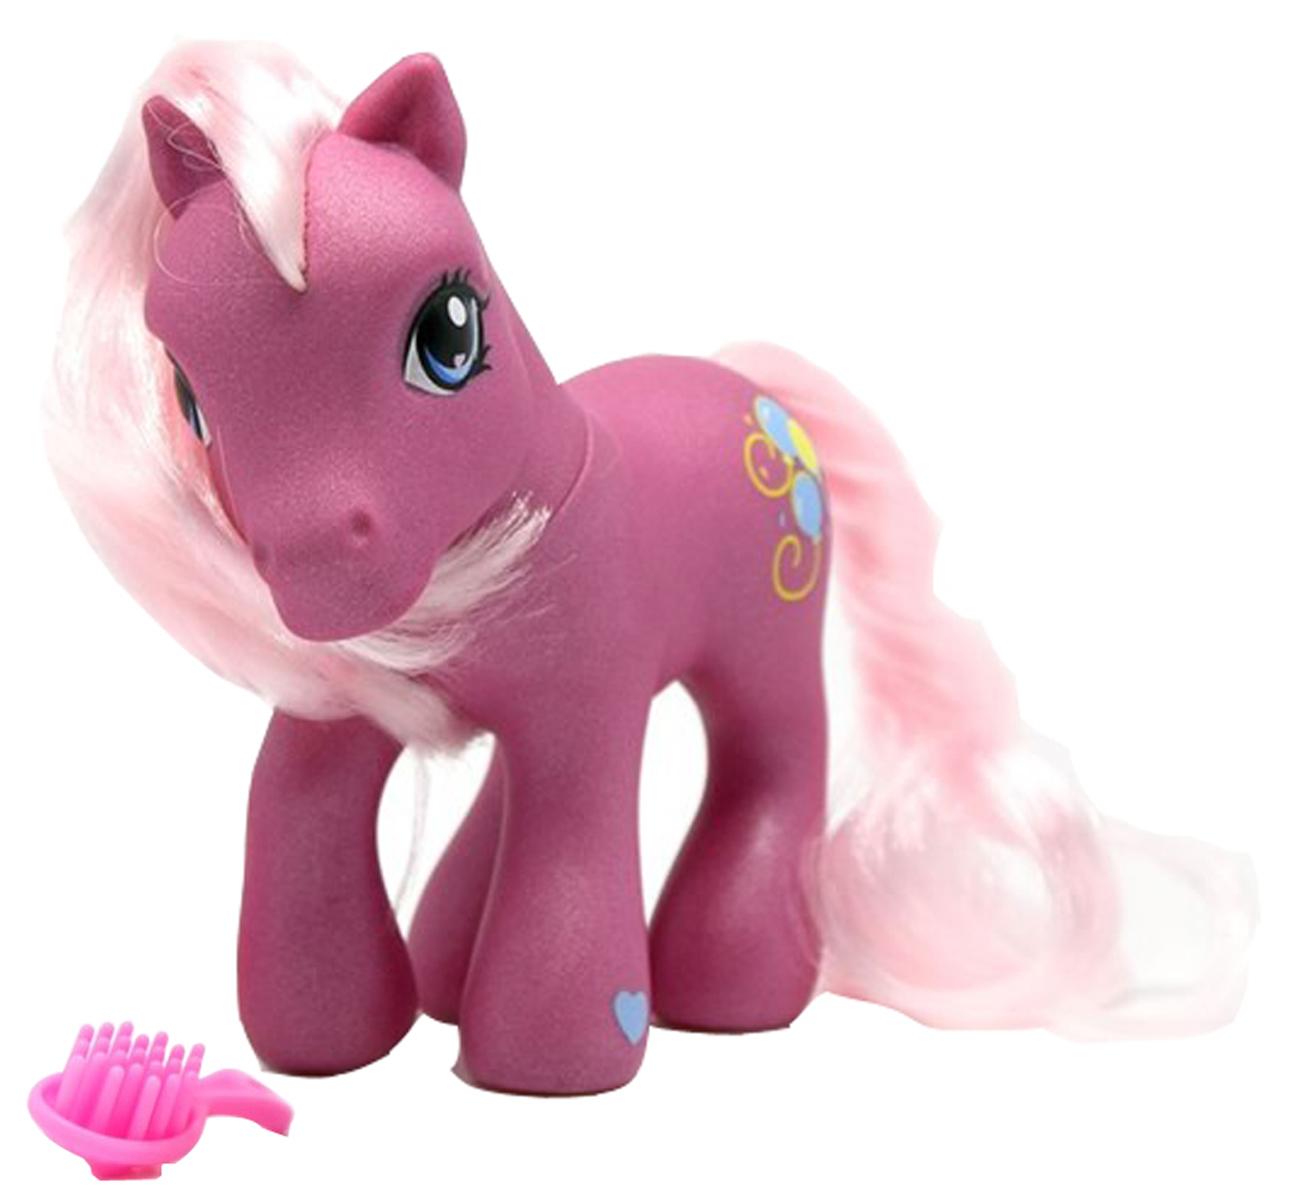 Retro - Pinkie Pie